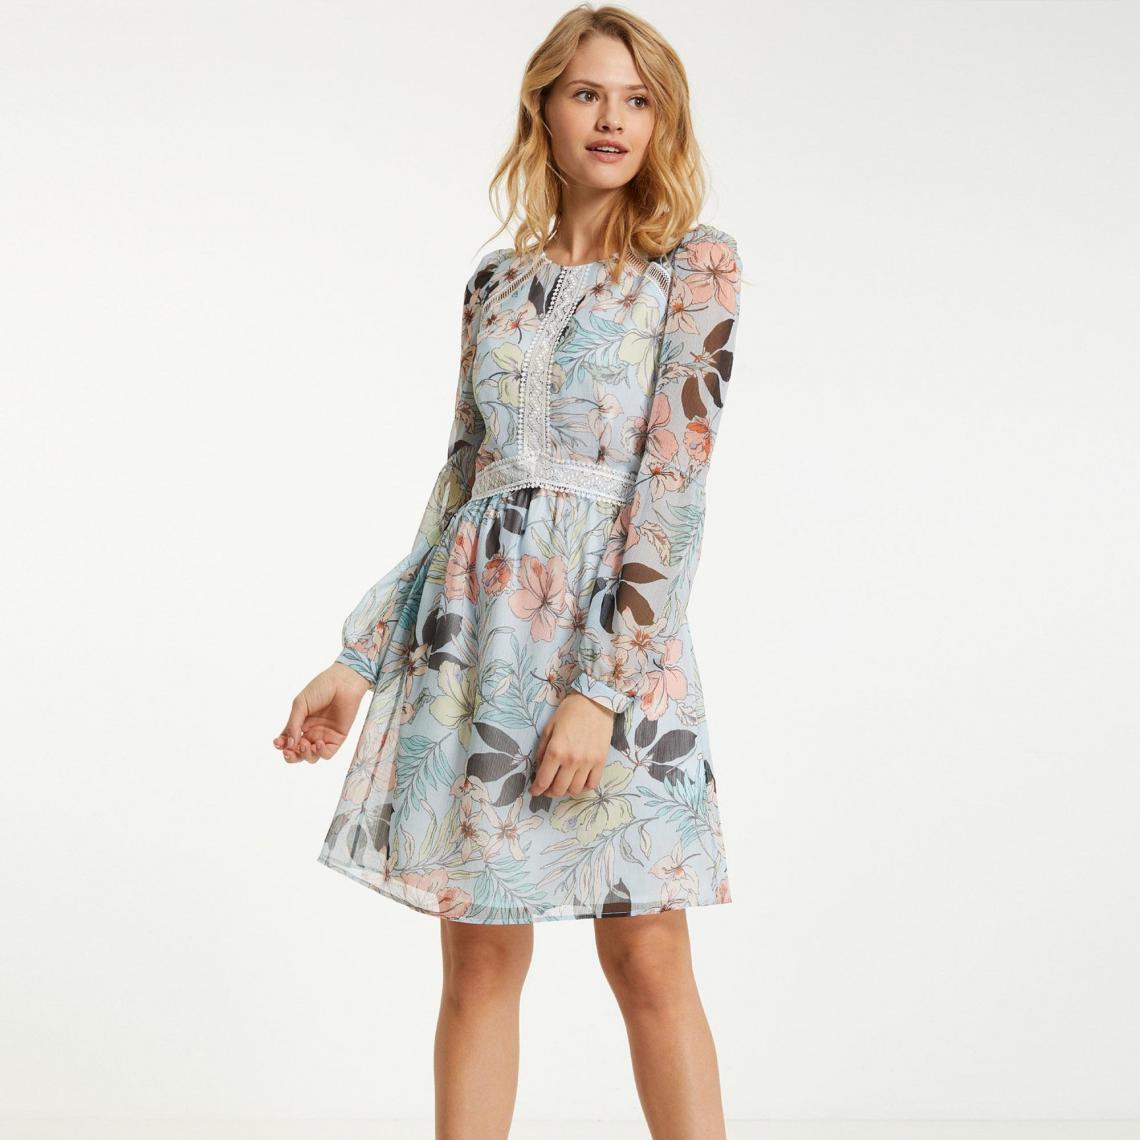 62b10a0ac4a Robe fleurie détail brodé ajouré femme Morgan - Bleu Morgan Femme